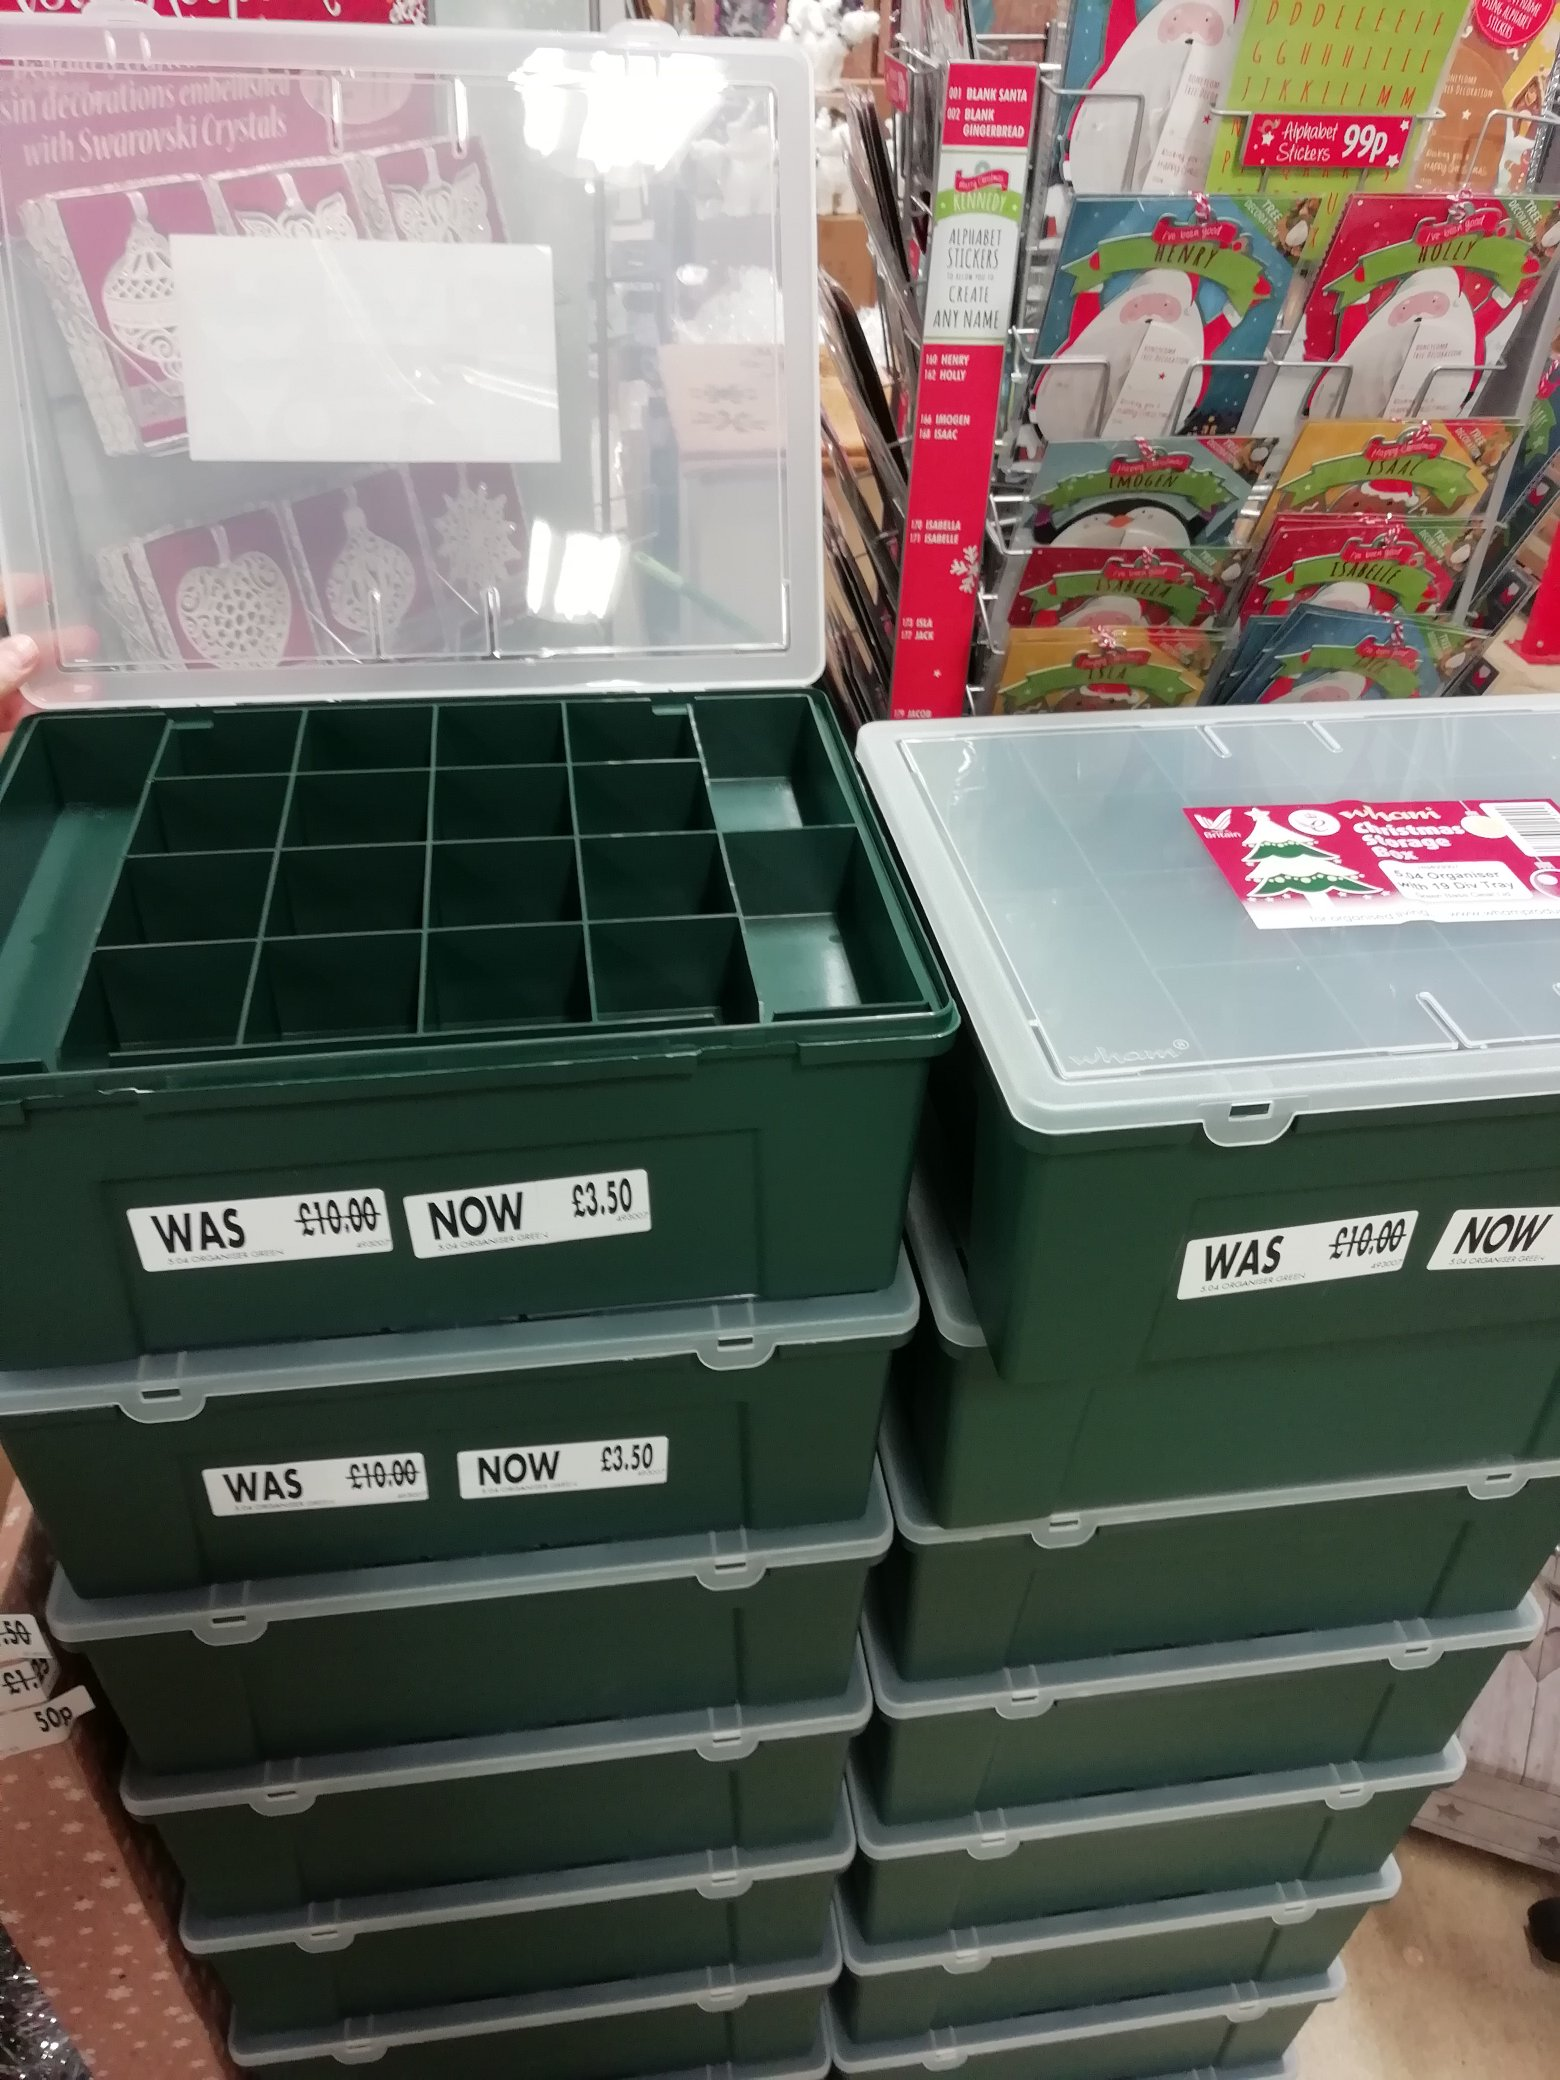 micro:bit storage case from supermarket